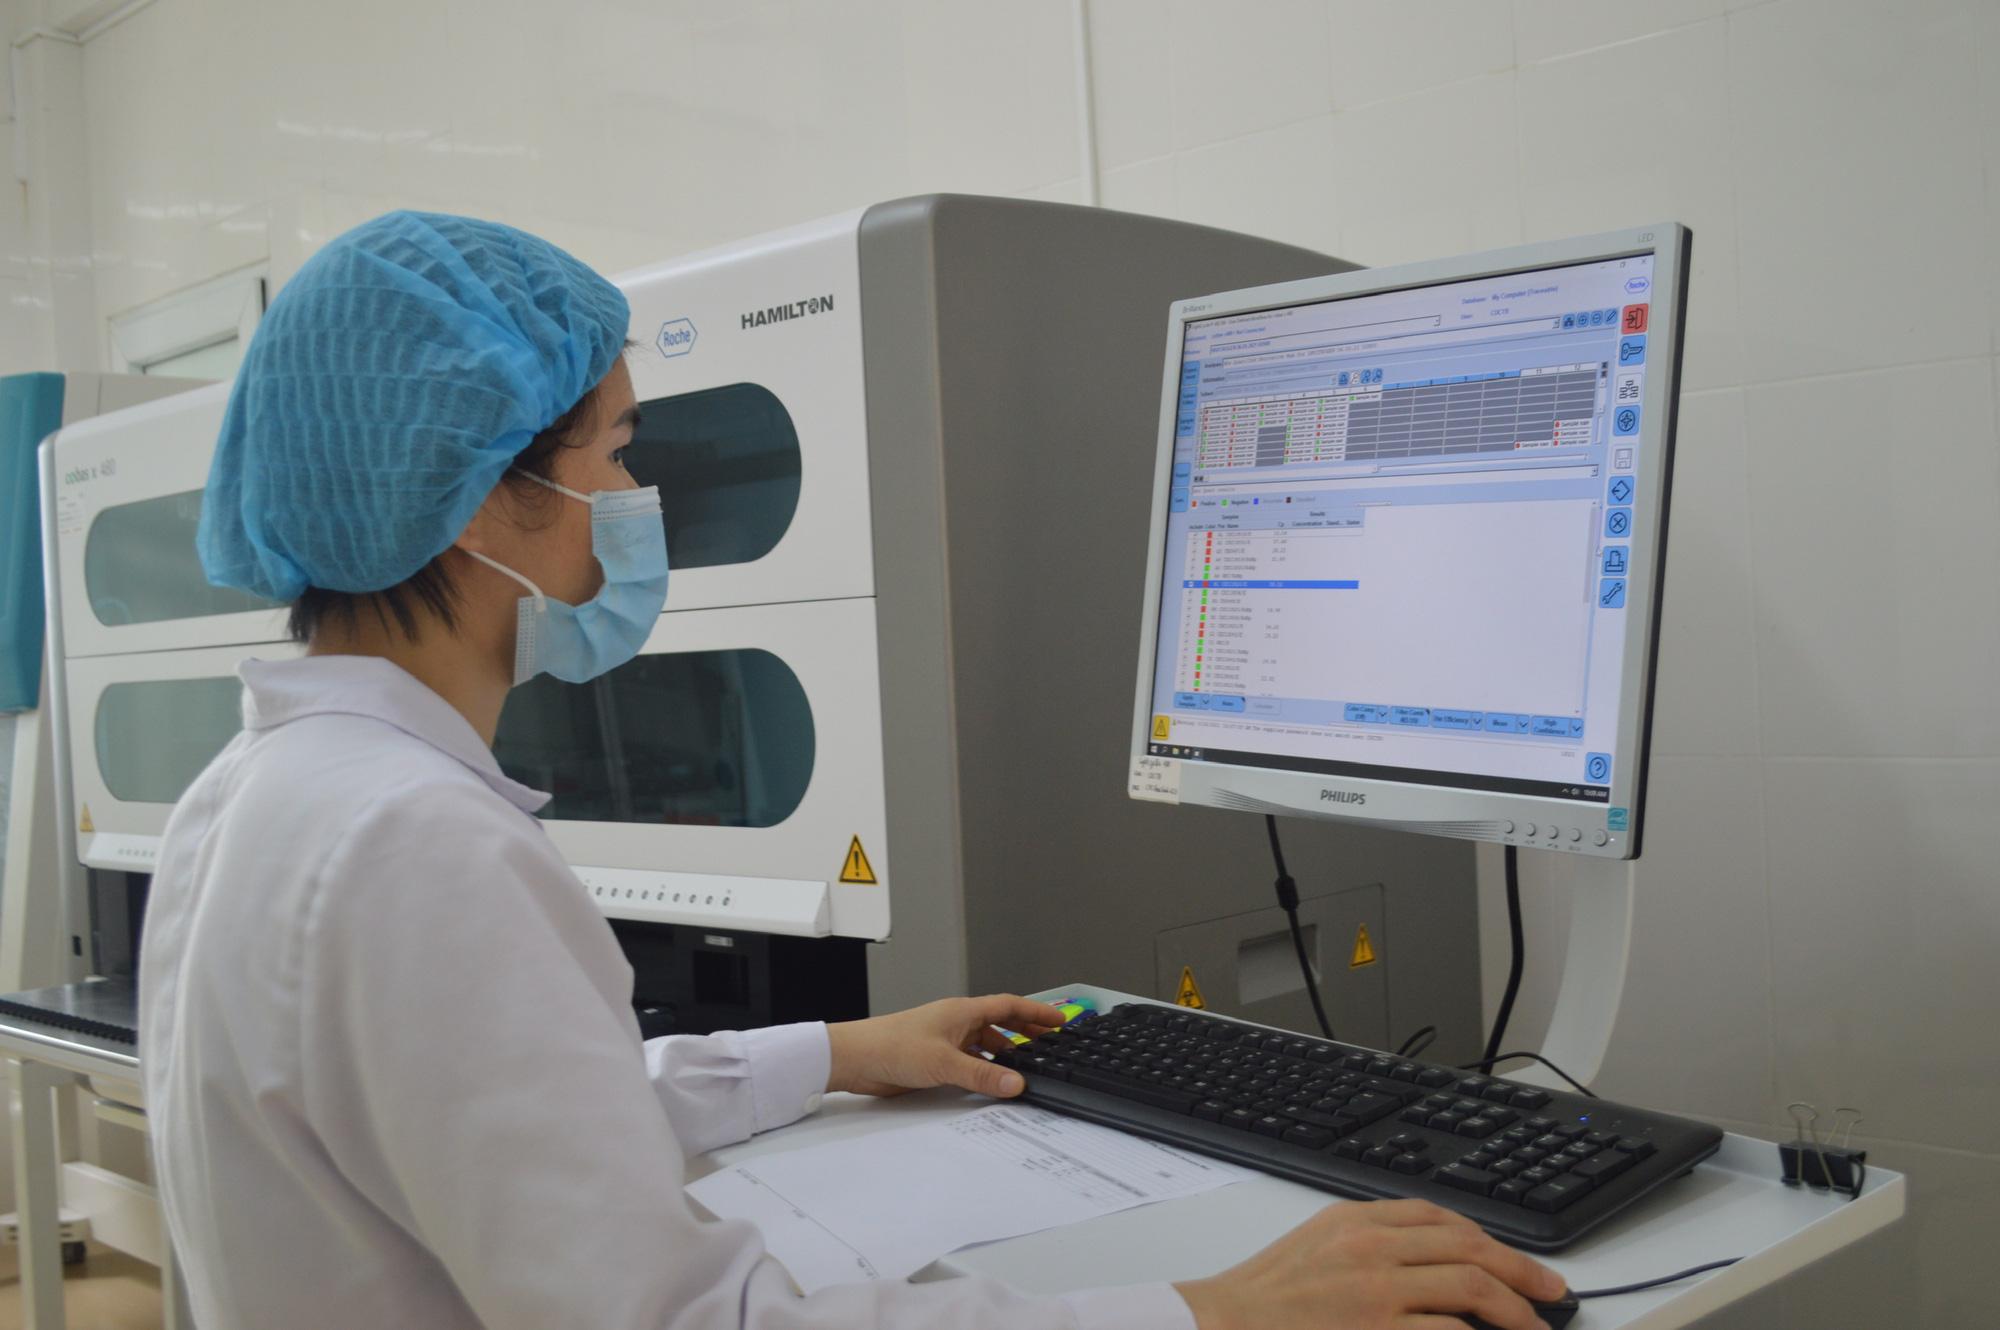 Diễn biến dịch ngày 23/6: Số ca mắc COVID-19 trong ngày tiếp tục giảm, có thêm 138 bệnh nhân ra viện  - Ảnh 3.